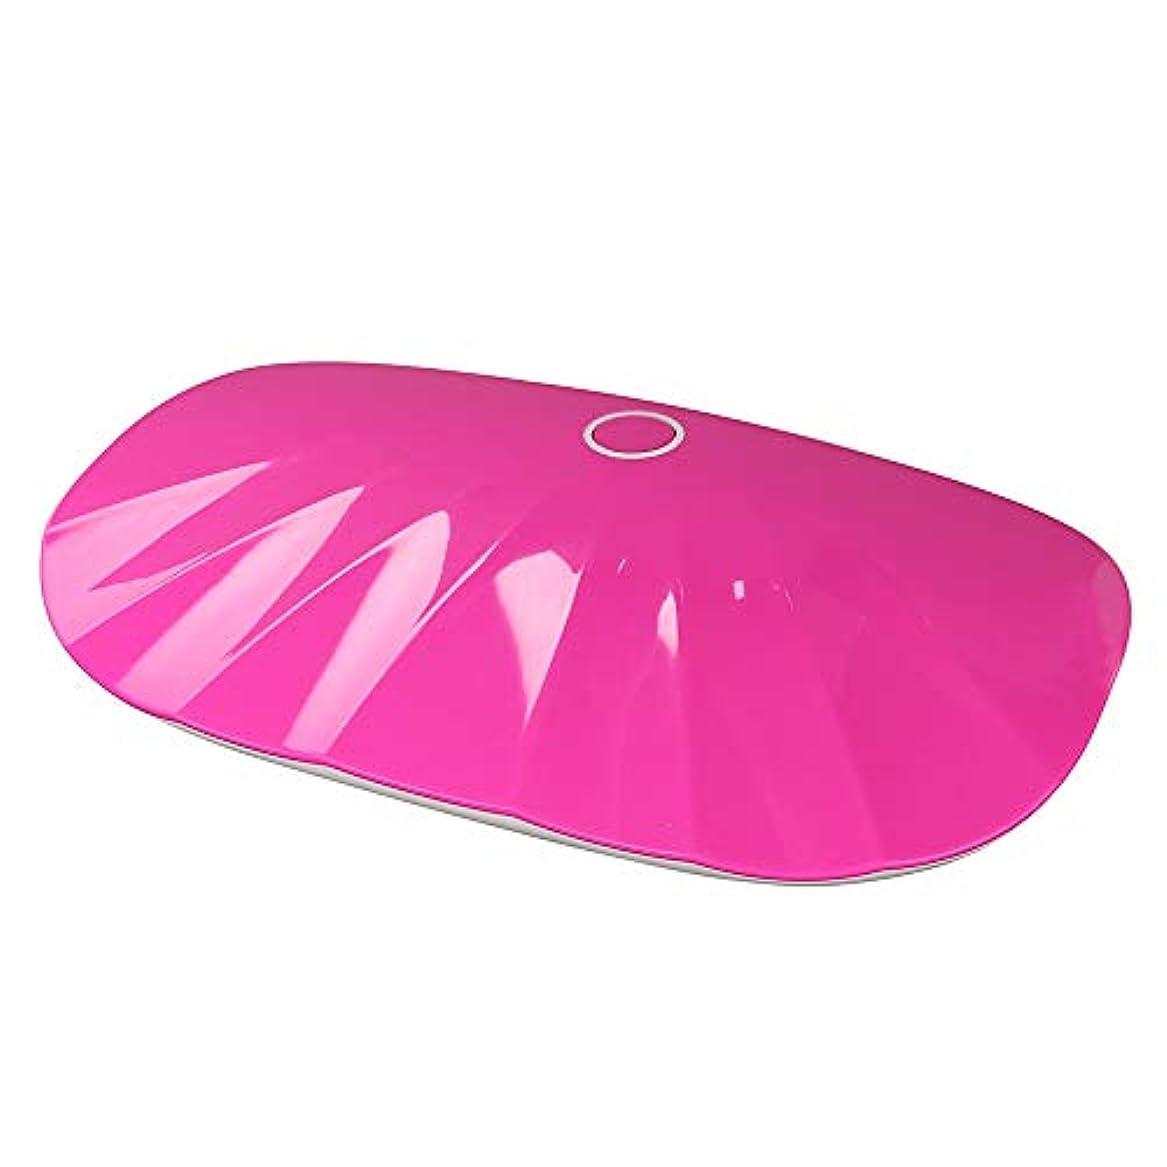 ロマンチック海峡ひもネーピアJilebao ネイルライト 6W ハイパワー USBライン付き ミニ 可愛い ジェルネイル レジンクラフト コンパクト LEDライト UVライト ネイルドライヤー 自動検知モード 折りたたみ式 手足とも使える (マルチカラー)